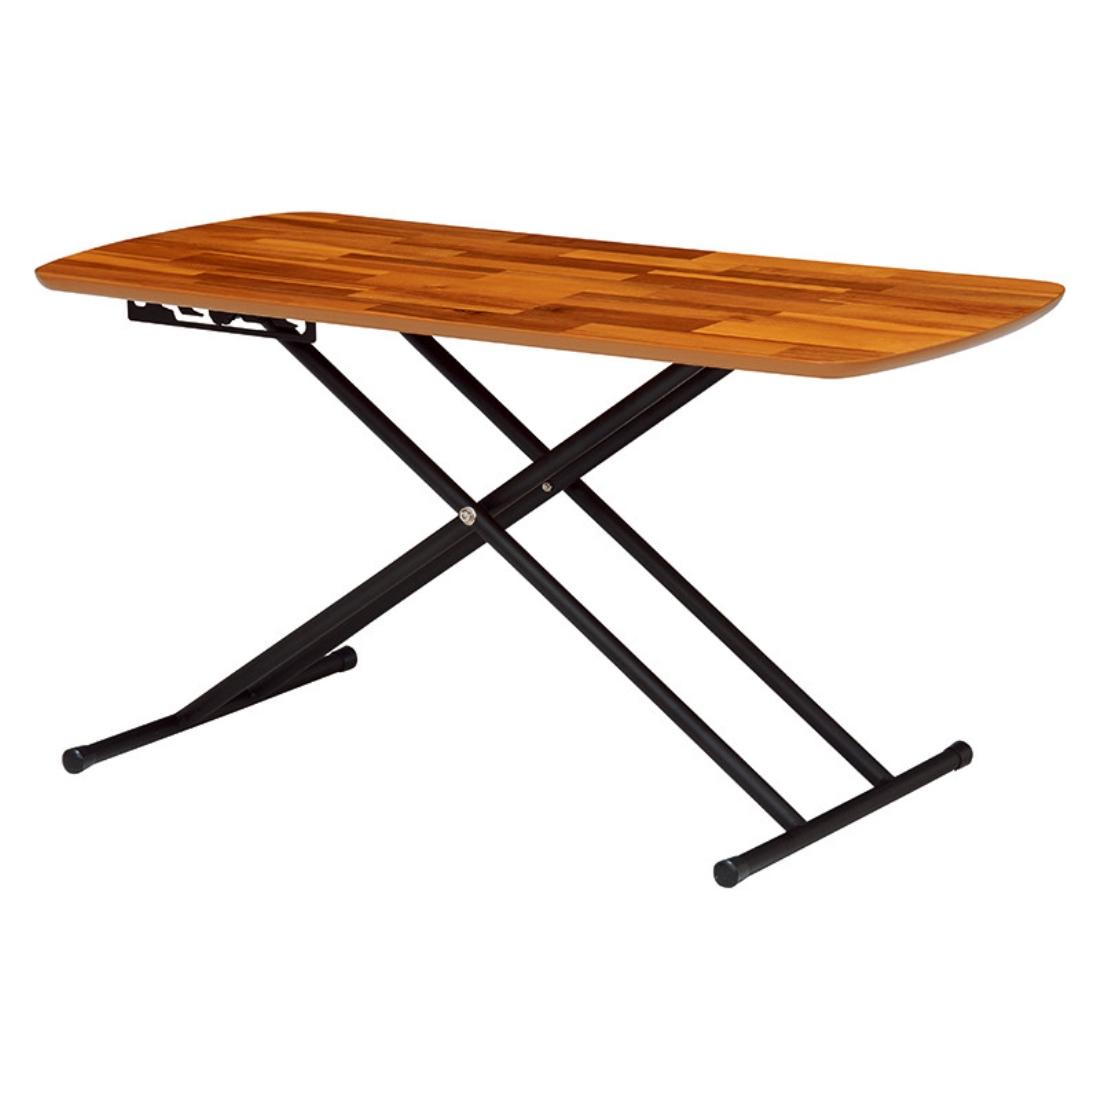 【即出荷】 おしゃれ 家具 リフティングテーブル おしゃれ 机 折れ脚 テーブル 折れ脚 机, DELUXDA RAISON:44ed8bdb --- kanvasma.com